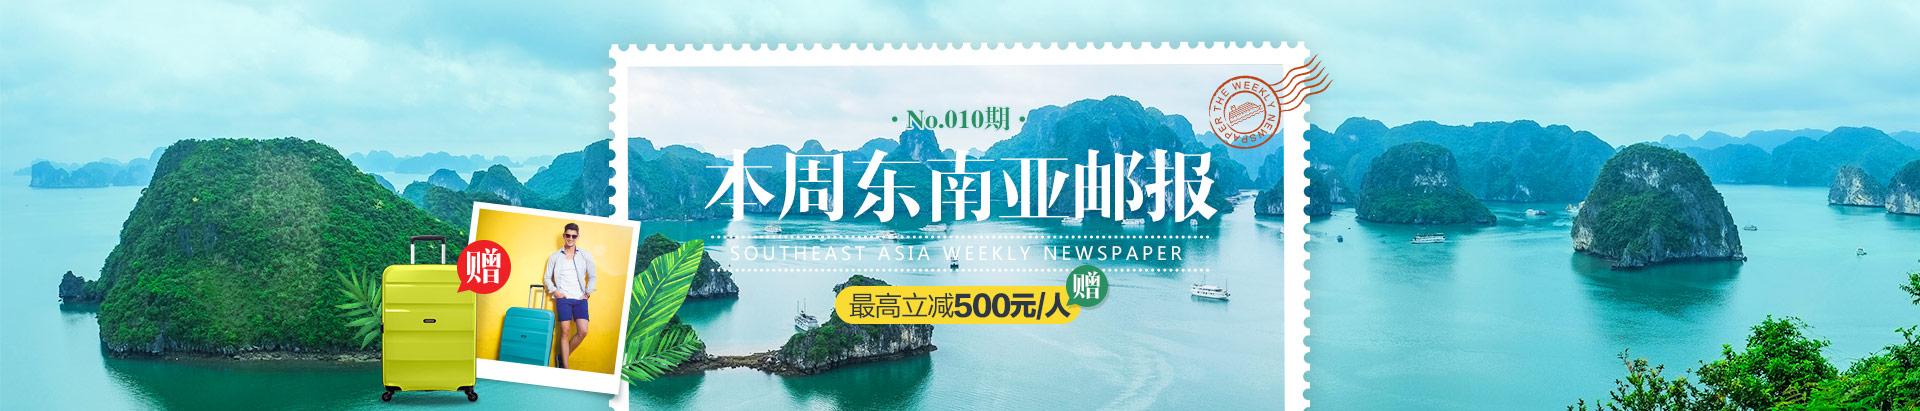 东南亚邮报,